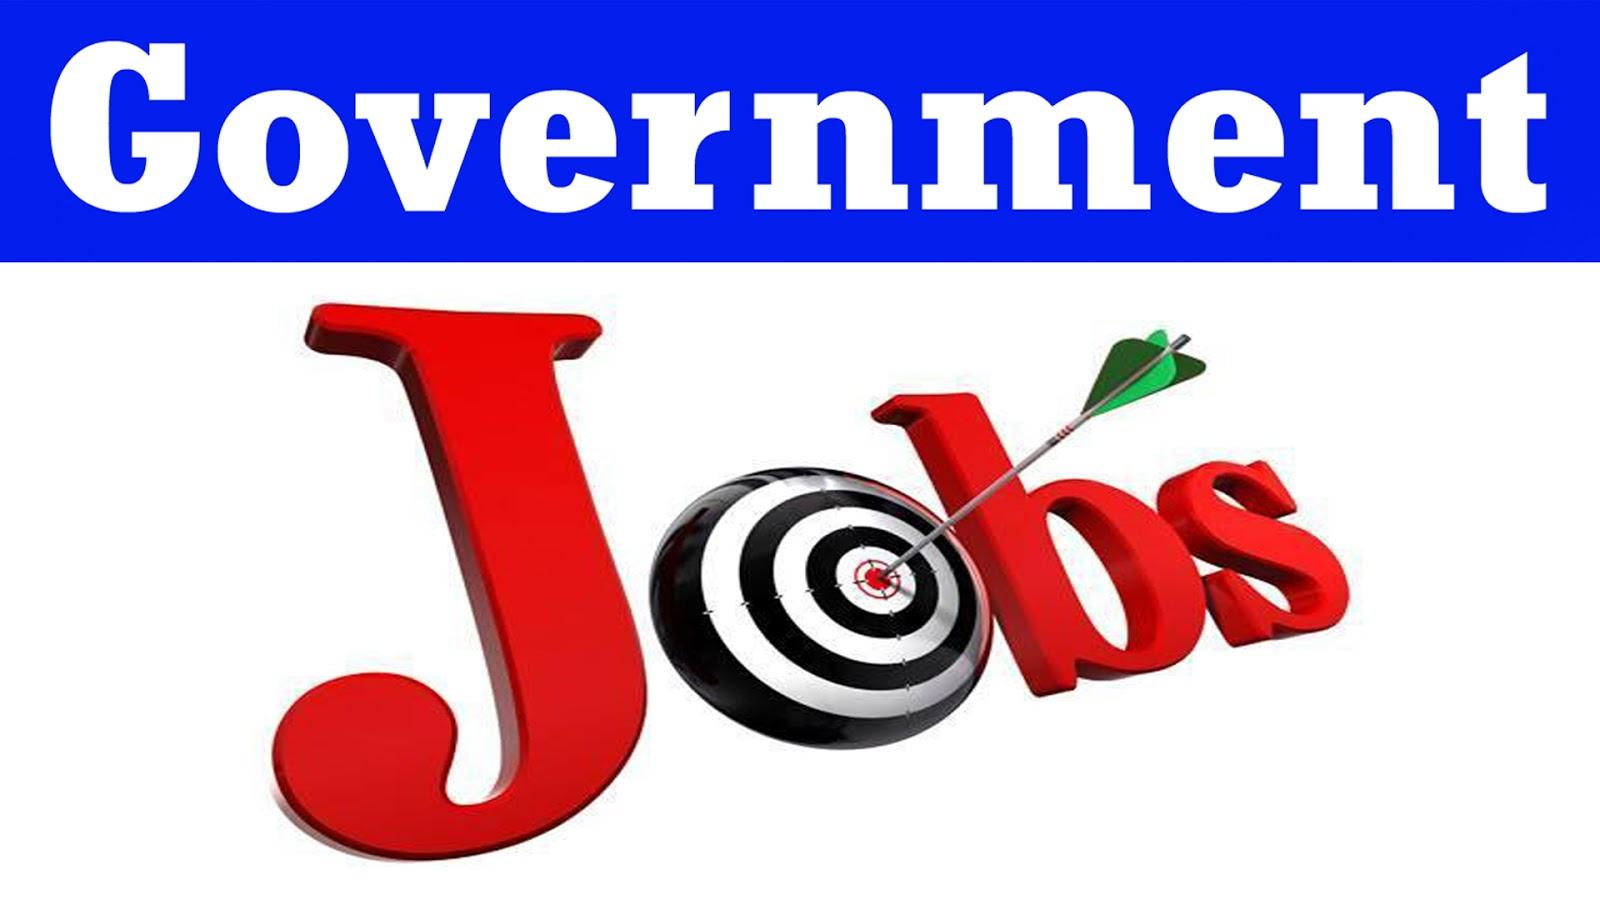 यहां निकली है सरकारी नौकरी, पूरी जानकारी यहां